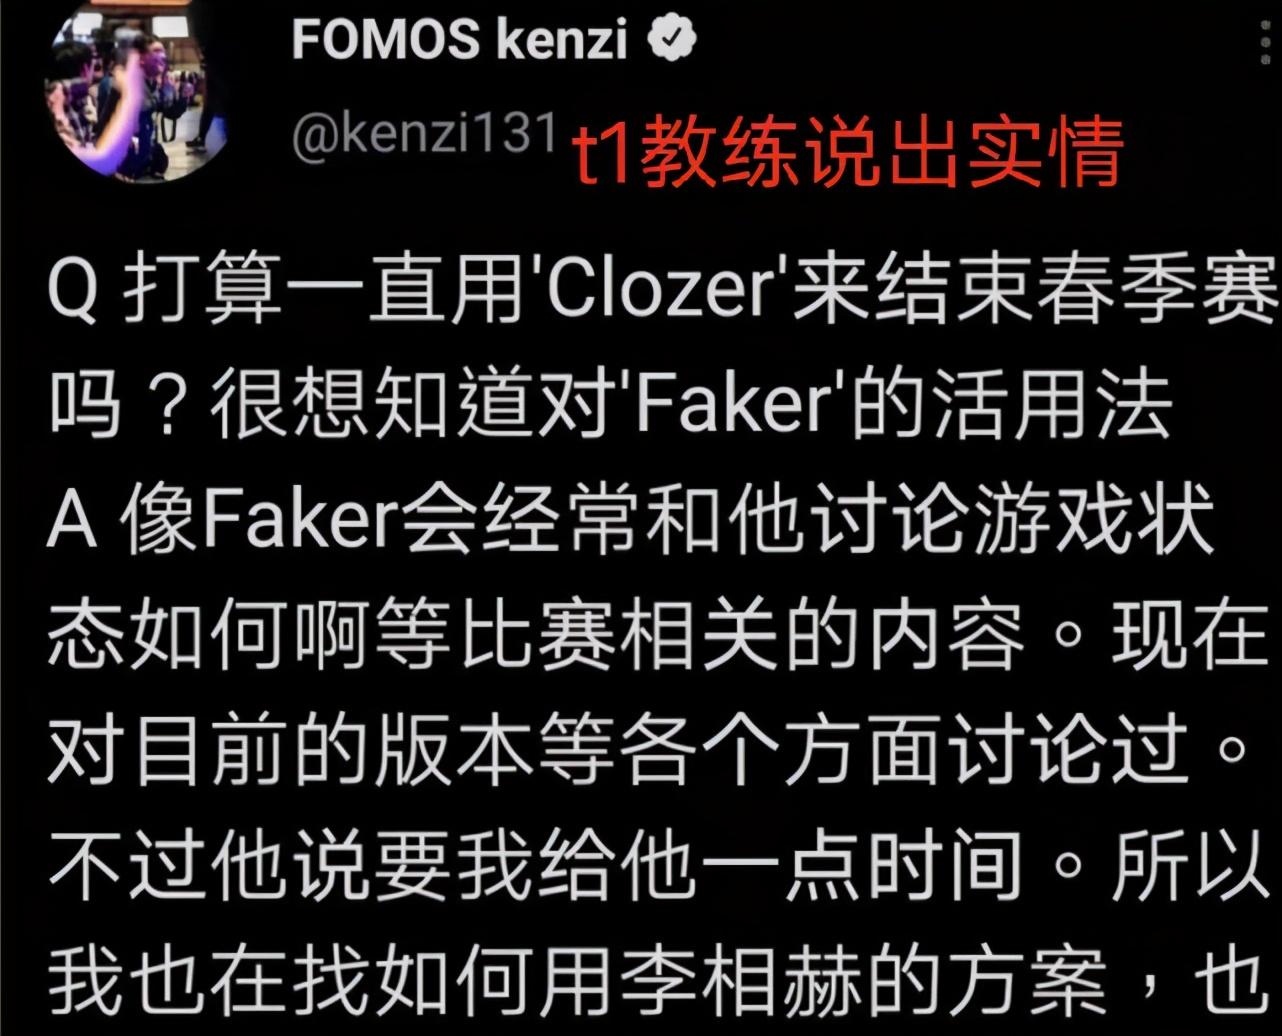 """""""Faker自己要求替补"""",T1教练:还没找到李哥使用说明书"""